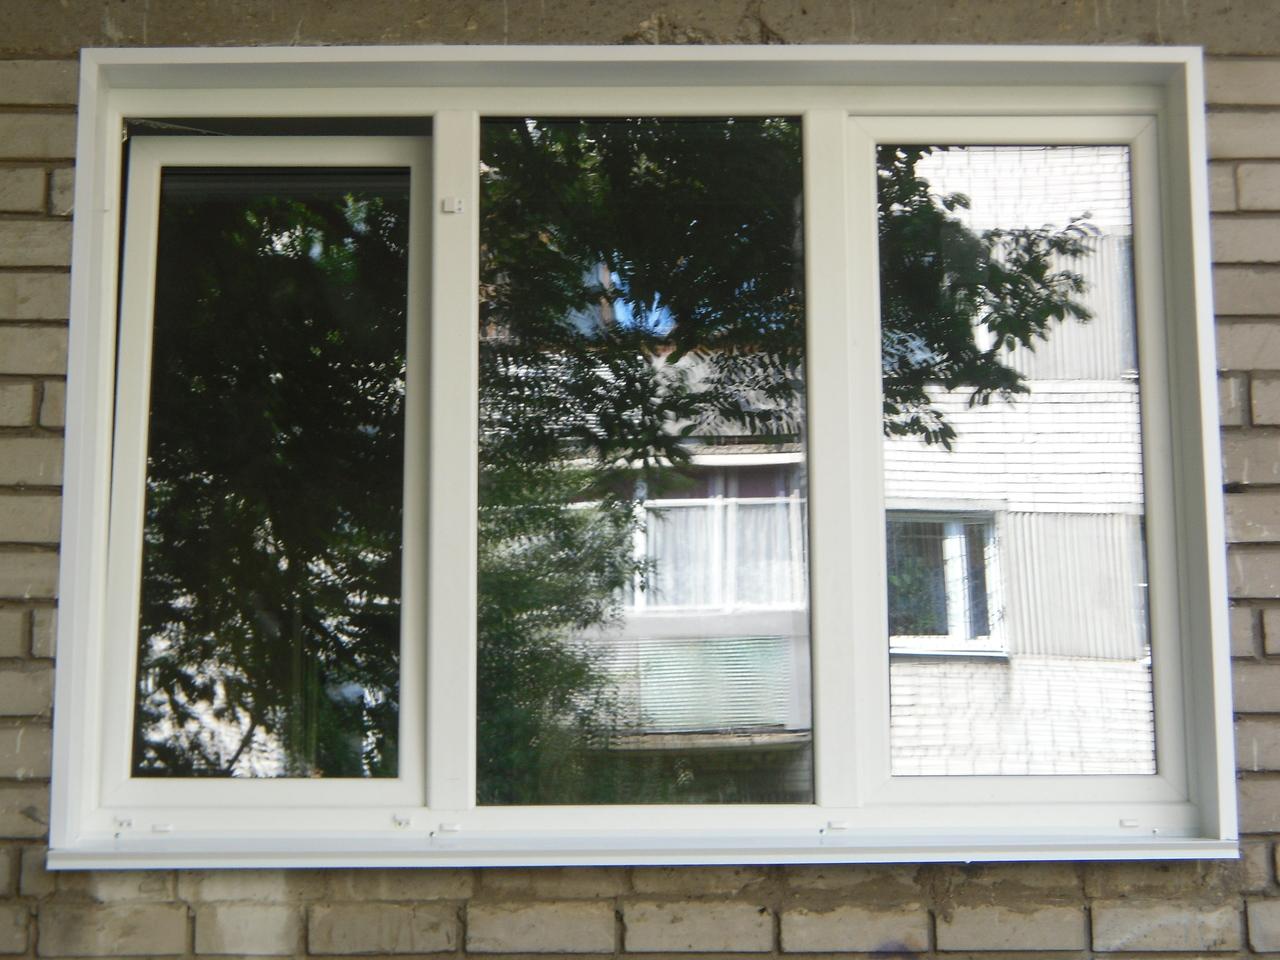 Профессиональный ремонт квартир и домов под ключ в Гулькевичи от бригады мастеров